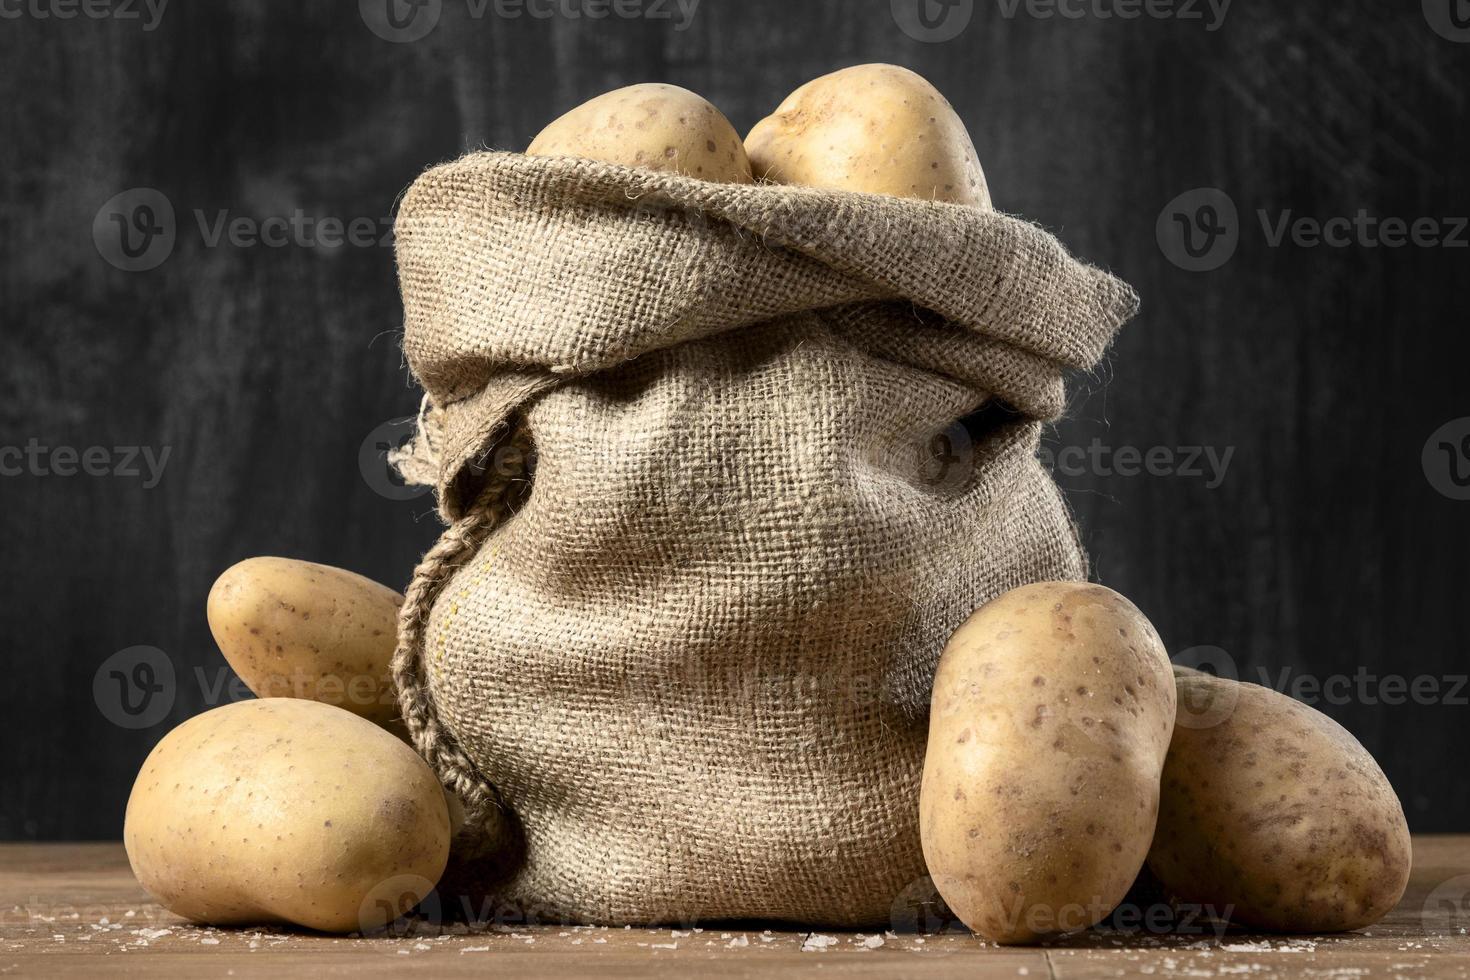 framifrån av säckvävsäck med potatis foto